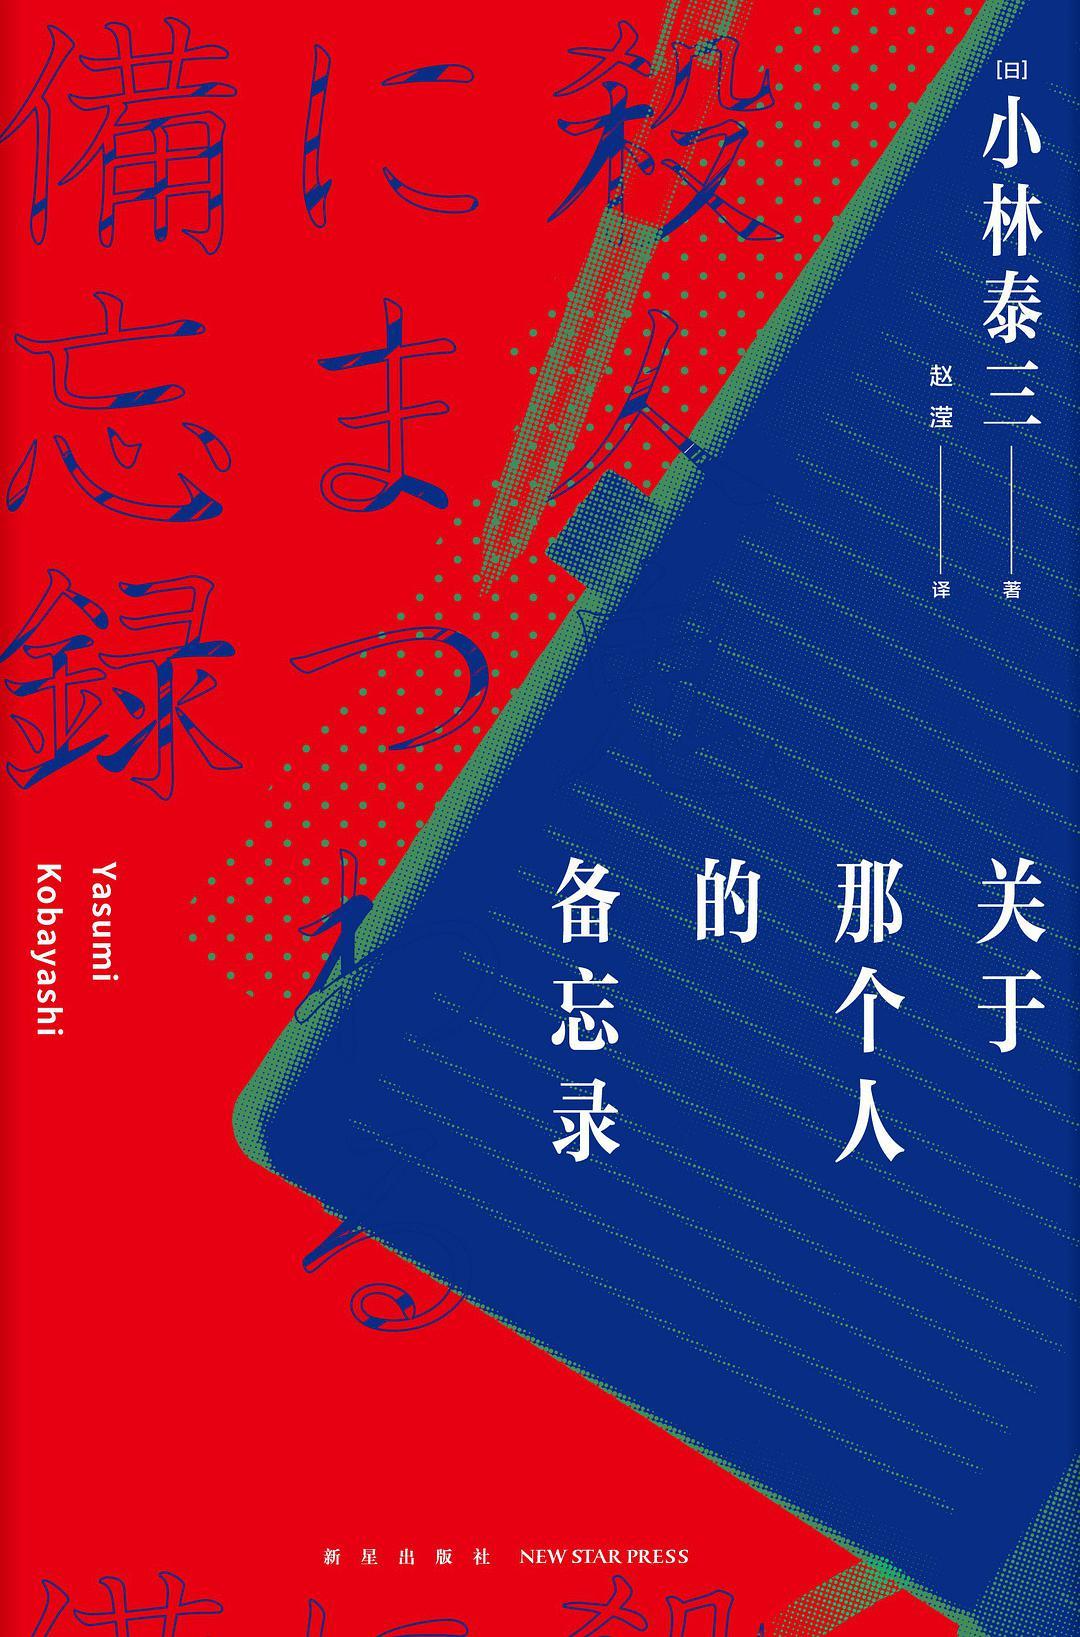 关于那个人的备忘录 (中文 language, 新星出版社)